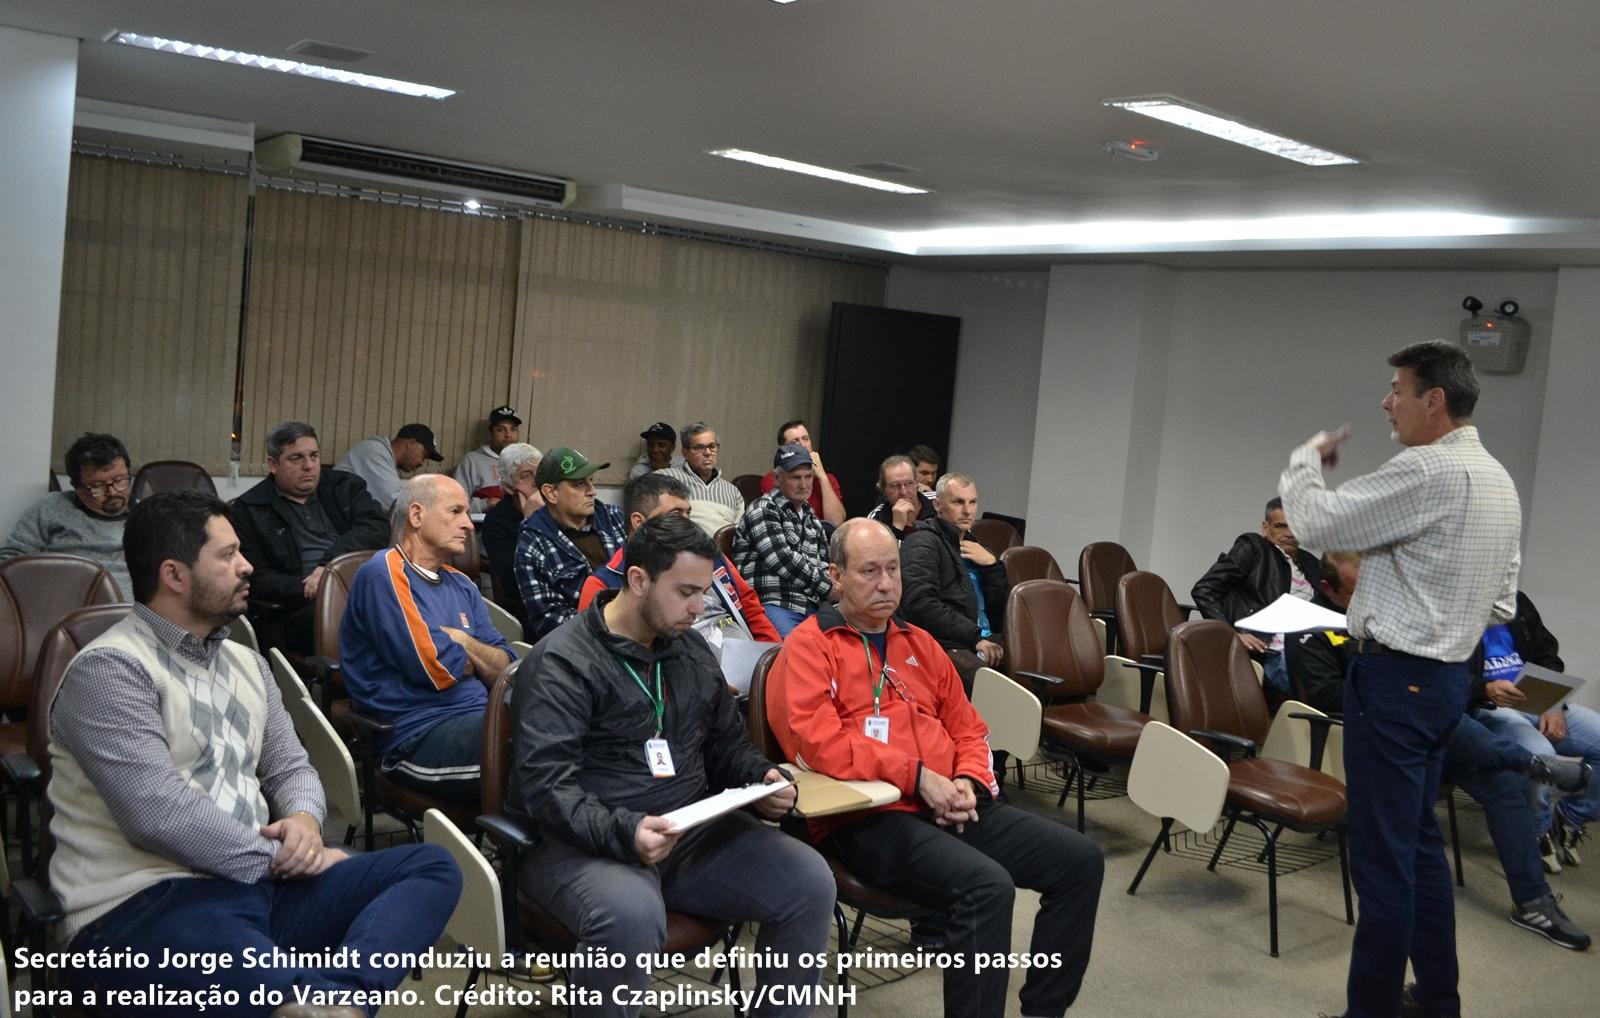 29/08/2018 - Vereador Fernando Lourenço garante mais um passo para a realização do Varzeano